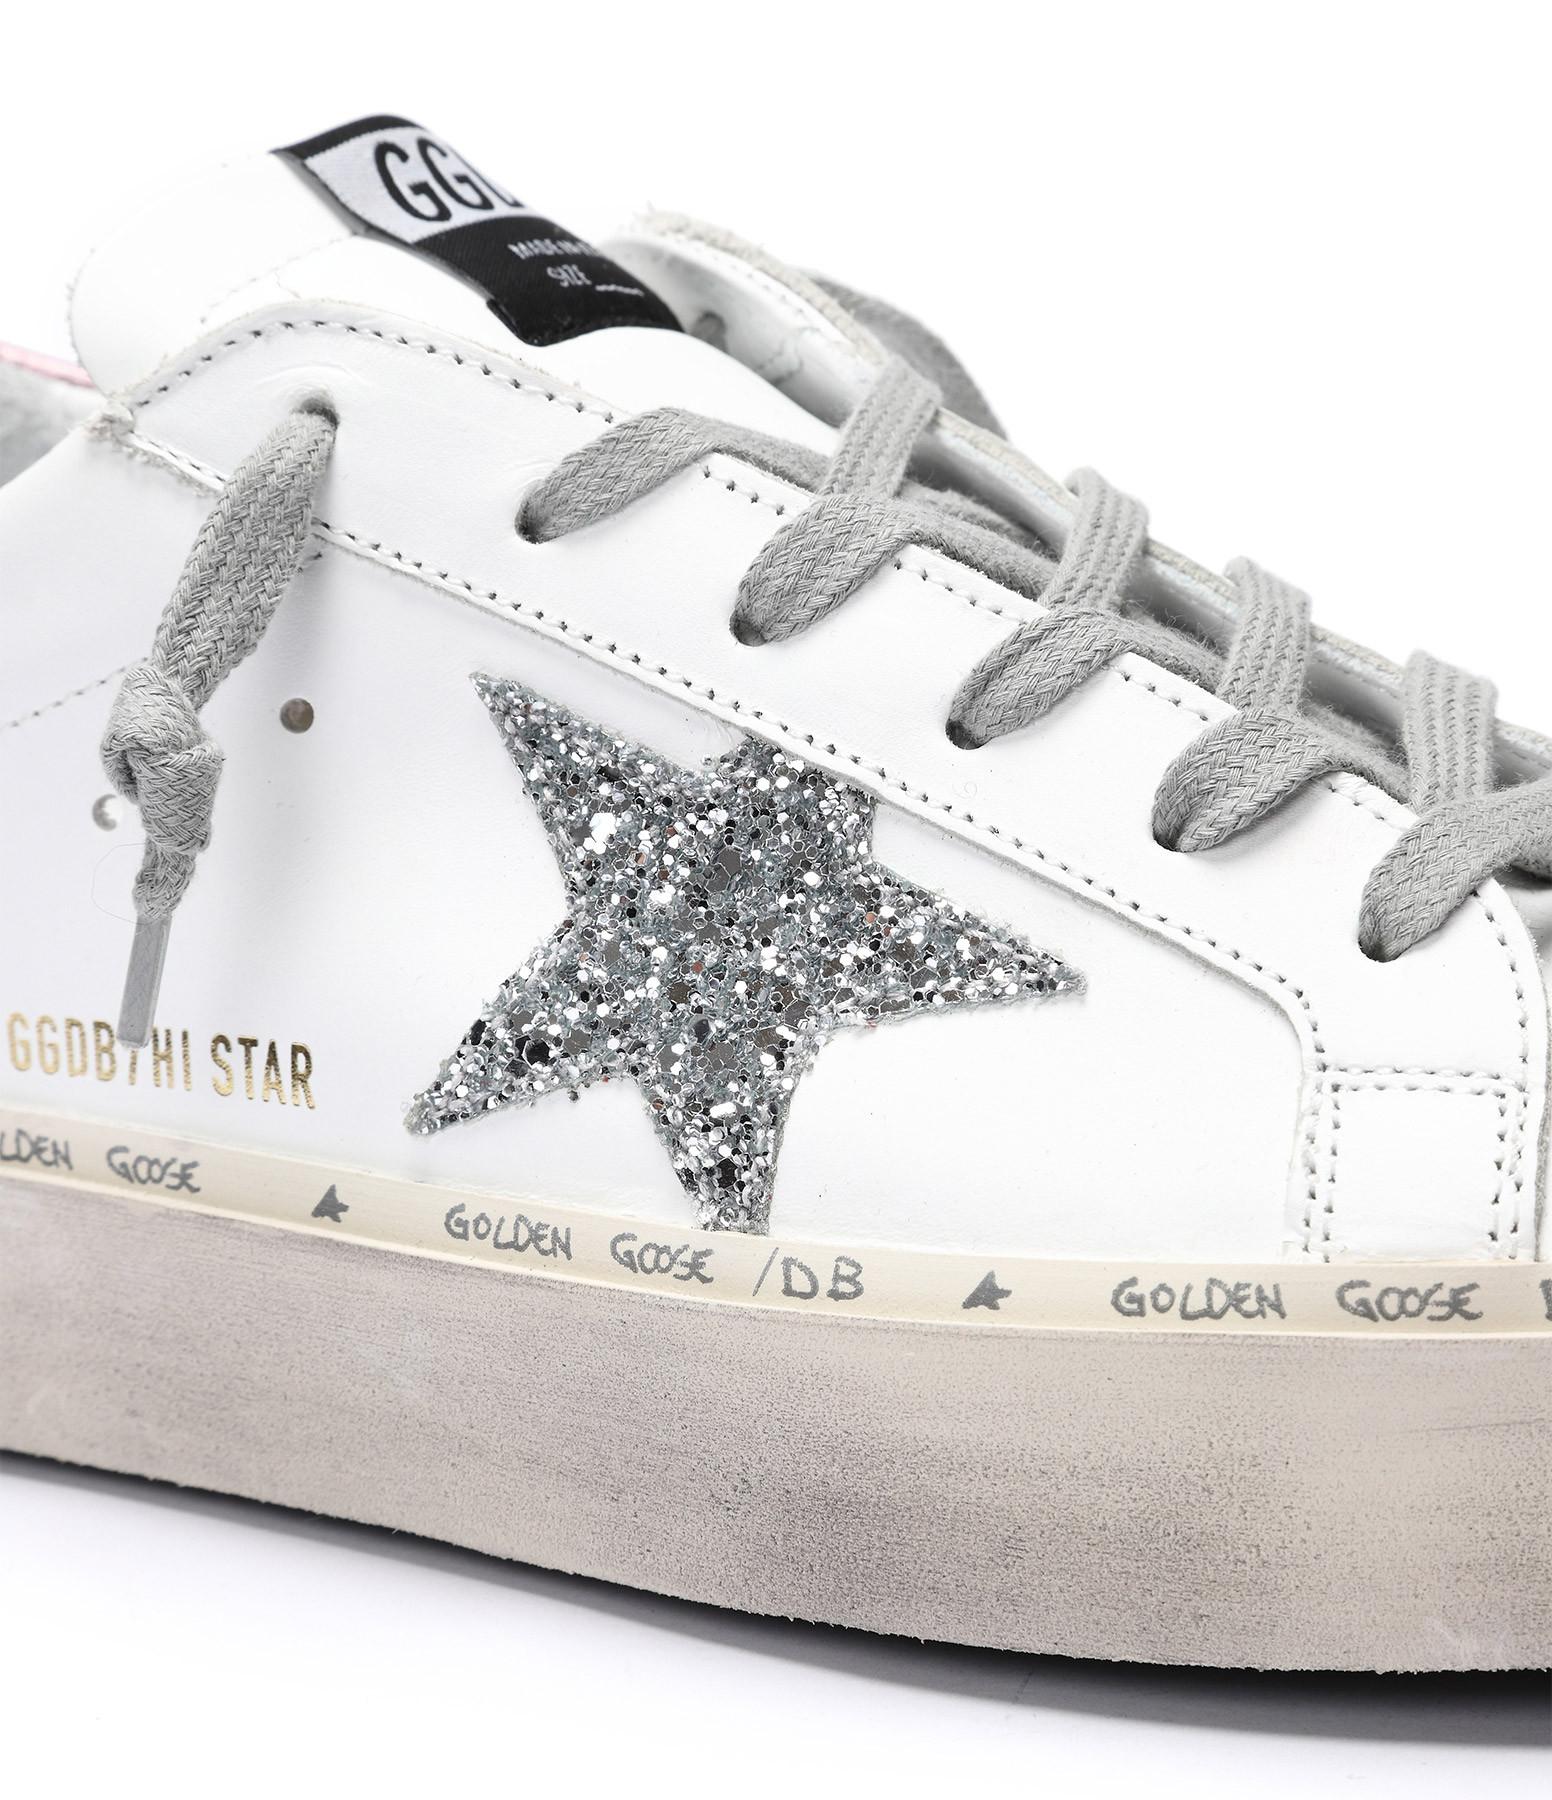 GOLDEN GOOSE - Baskets Hi Star Cuir Blanc Rose Argenté